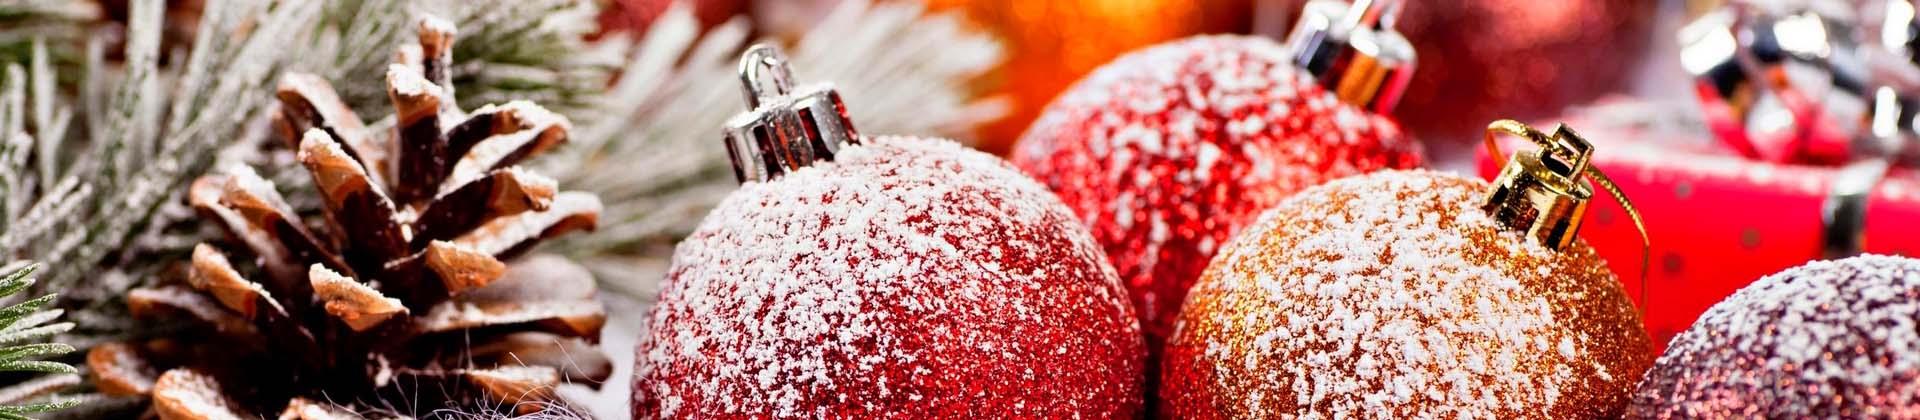 Фургон-Комплект поздравляет посетителей с Новым Годом и Рождеством!